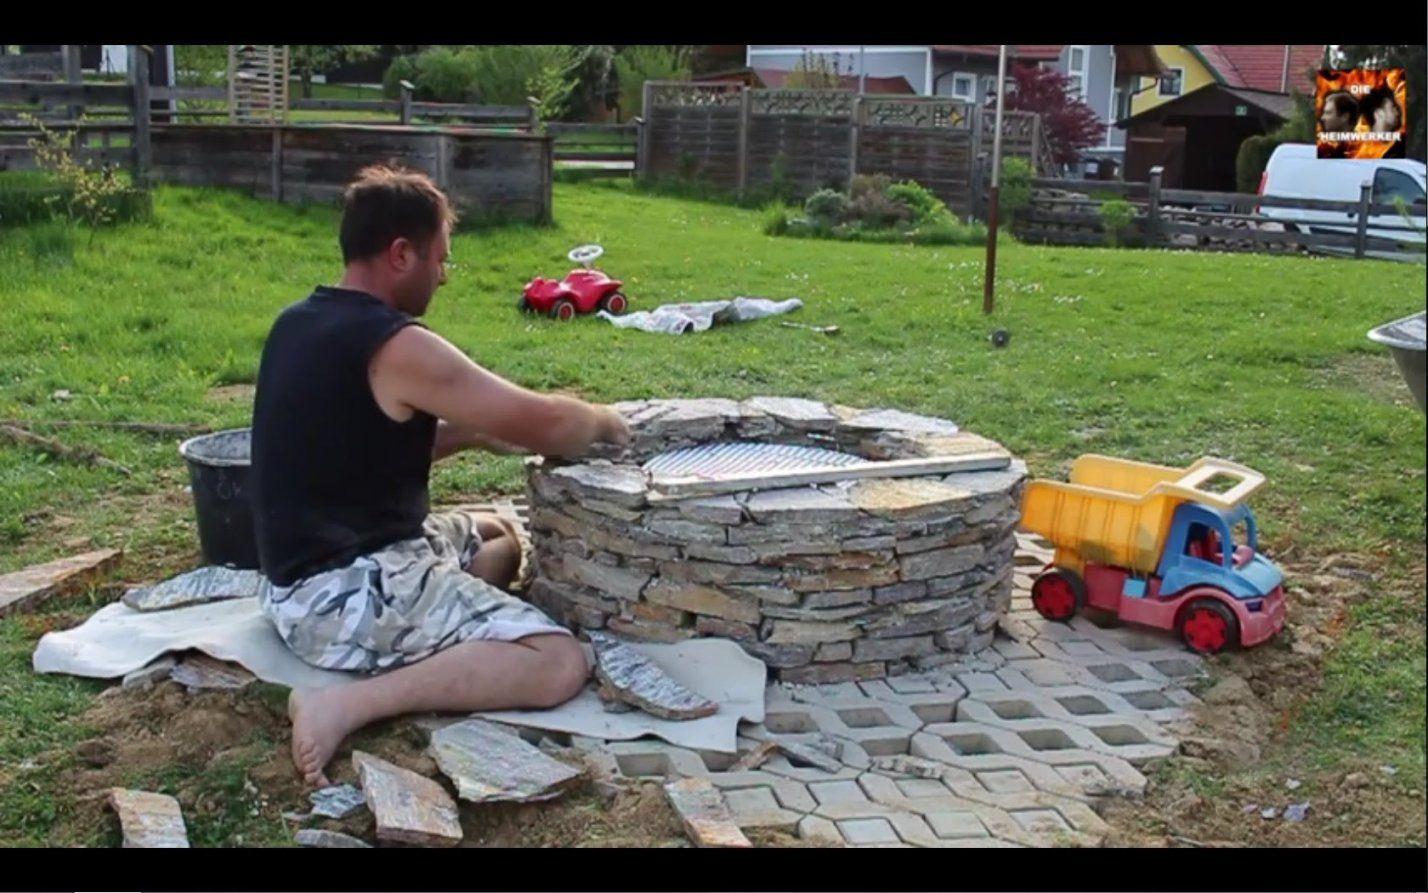 Feuerstelle Selber Bauen  Youtube von Garten Feuerstelle Selber Bauen Bild